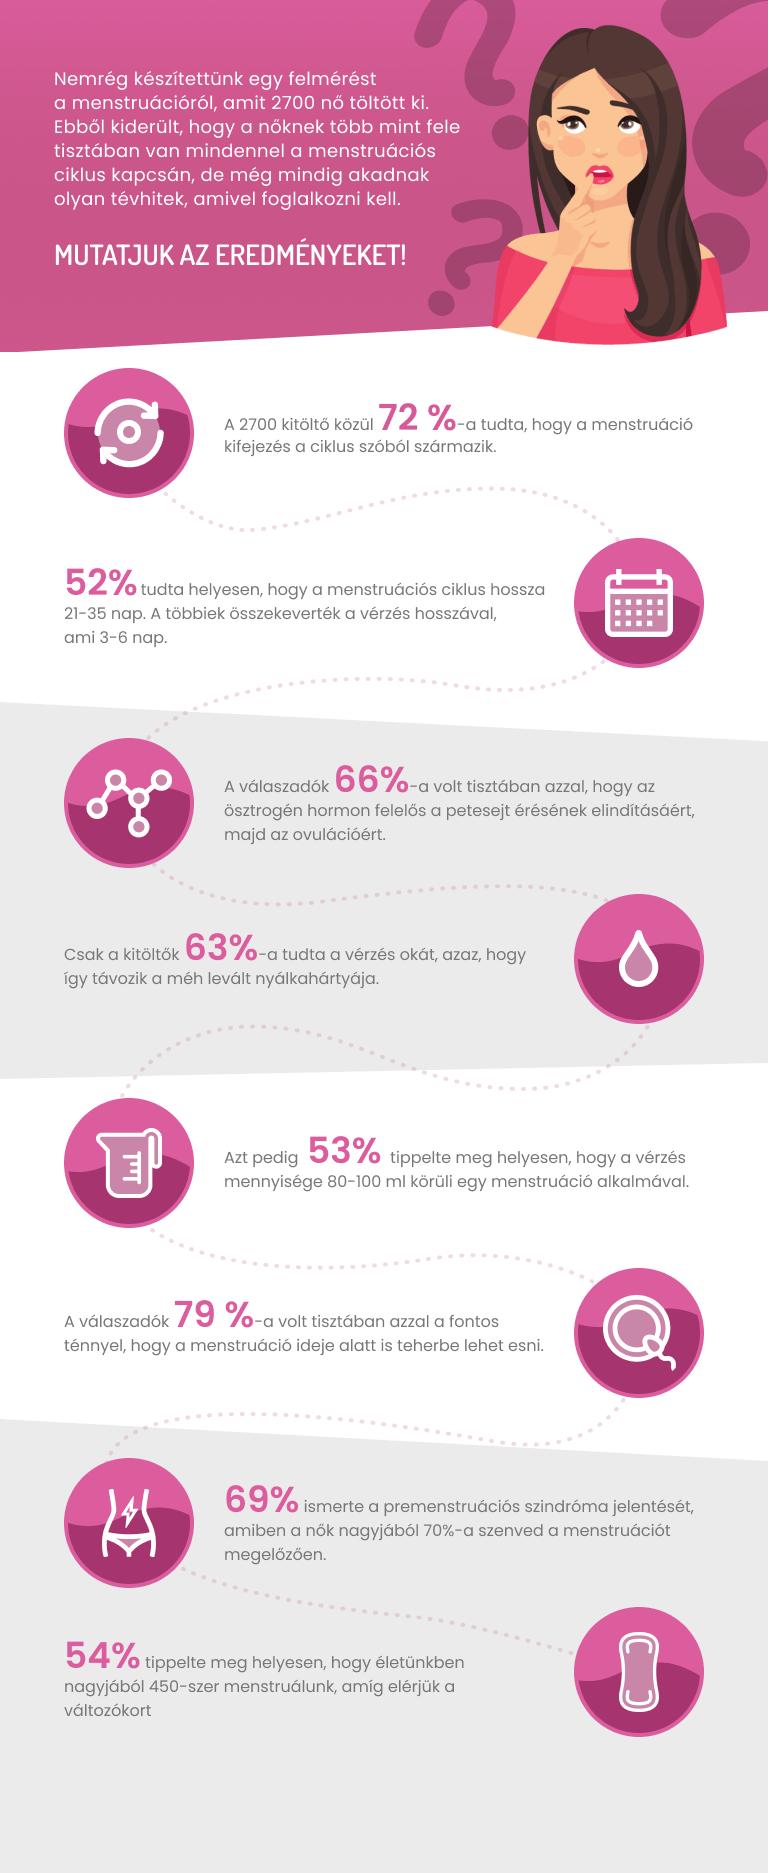 Megtudtuk, ennyire vannak képben a nők a menstruációs ciklusukkal kapcsolatban